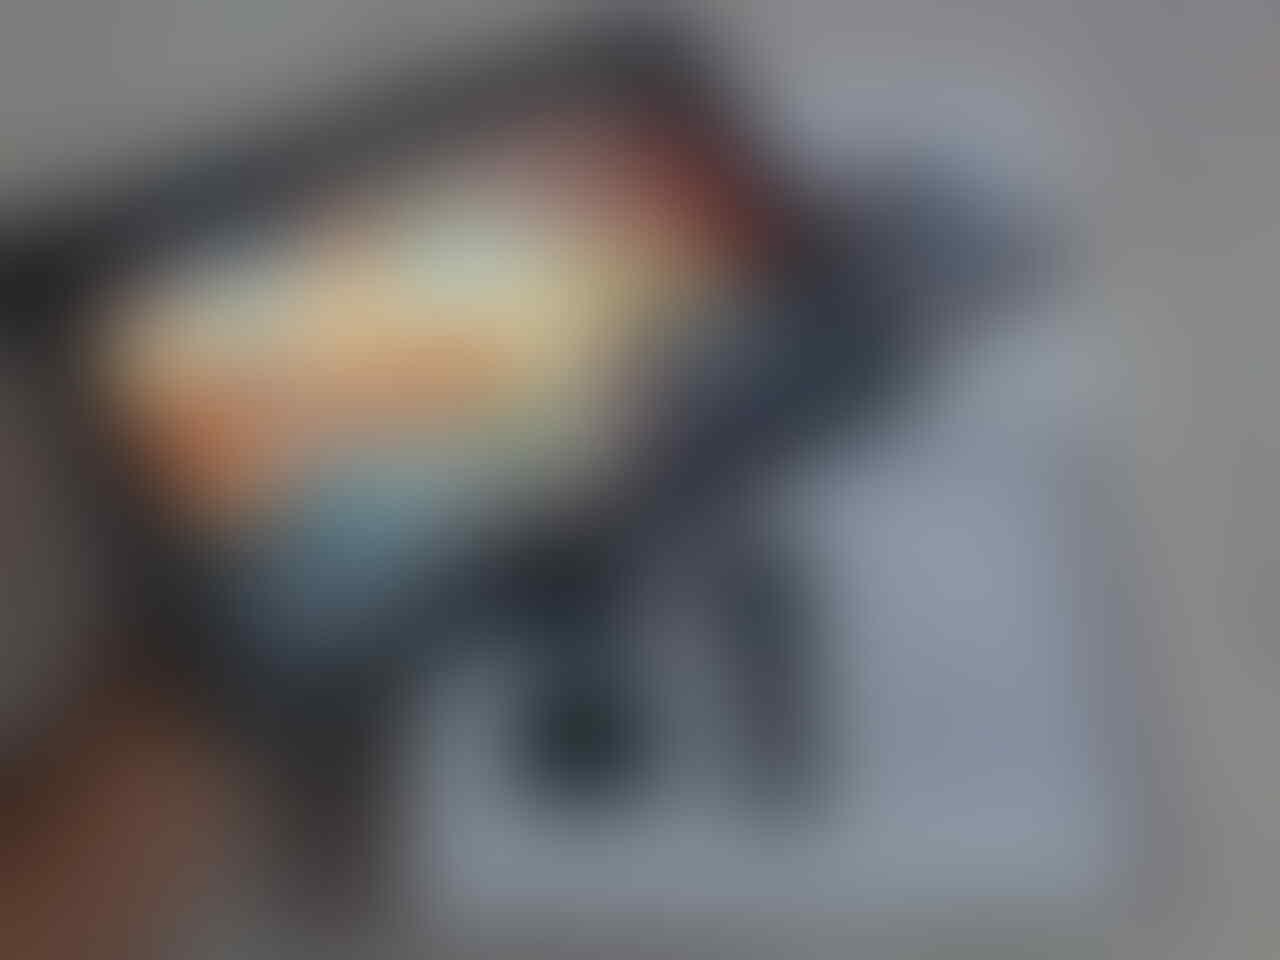 Samsung galaxy tab2 10.1 GT-P5100 garansi resmi sein, kondisi mulus LIKE NEW..